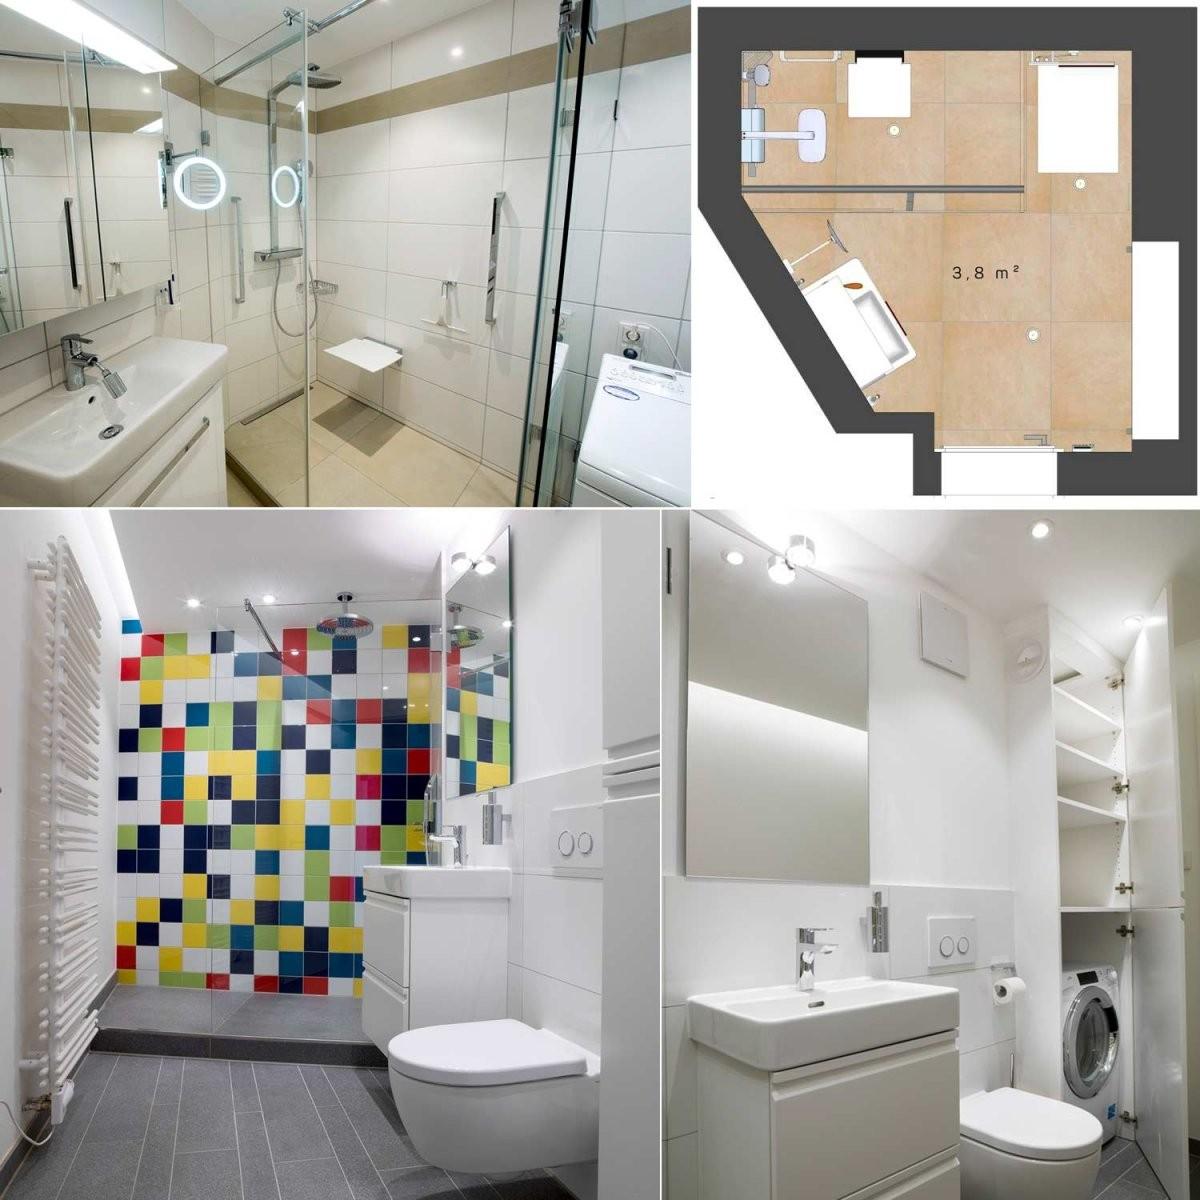 Kleine Badezimmer ▣ Profitipps  Ideen Von Heimwohl von Kleine Bäder Gestalten Beispiele Bild